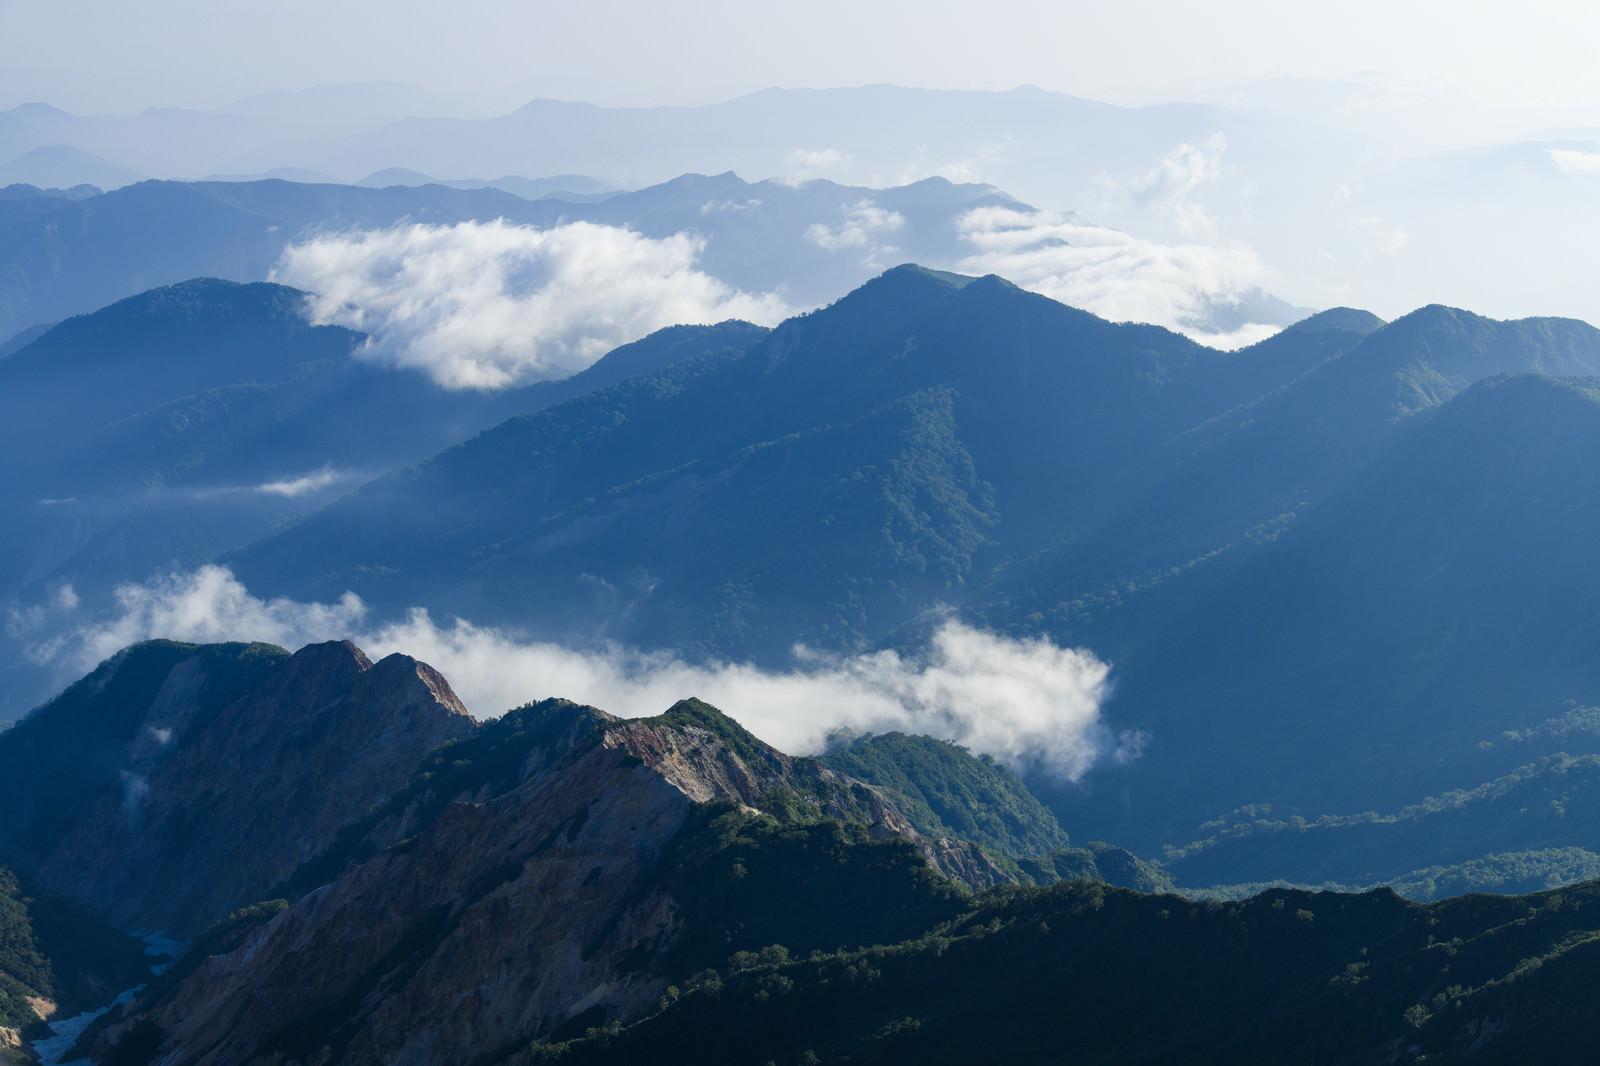 「低い雲を纏った白山の山々」の写真